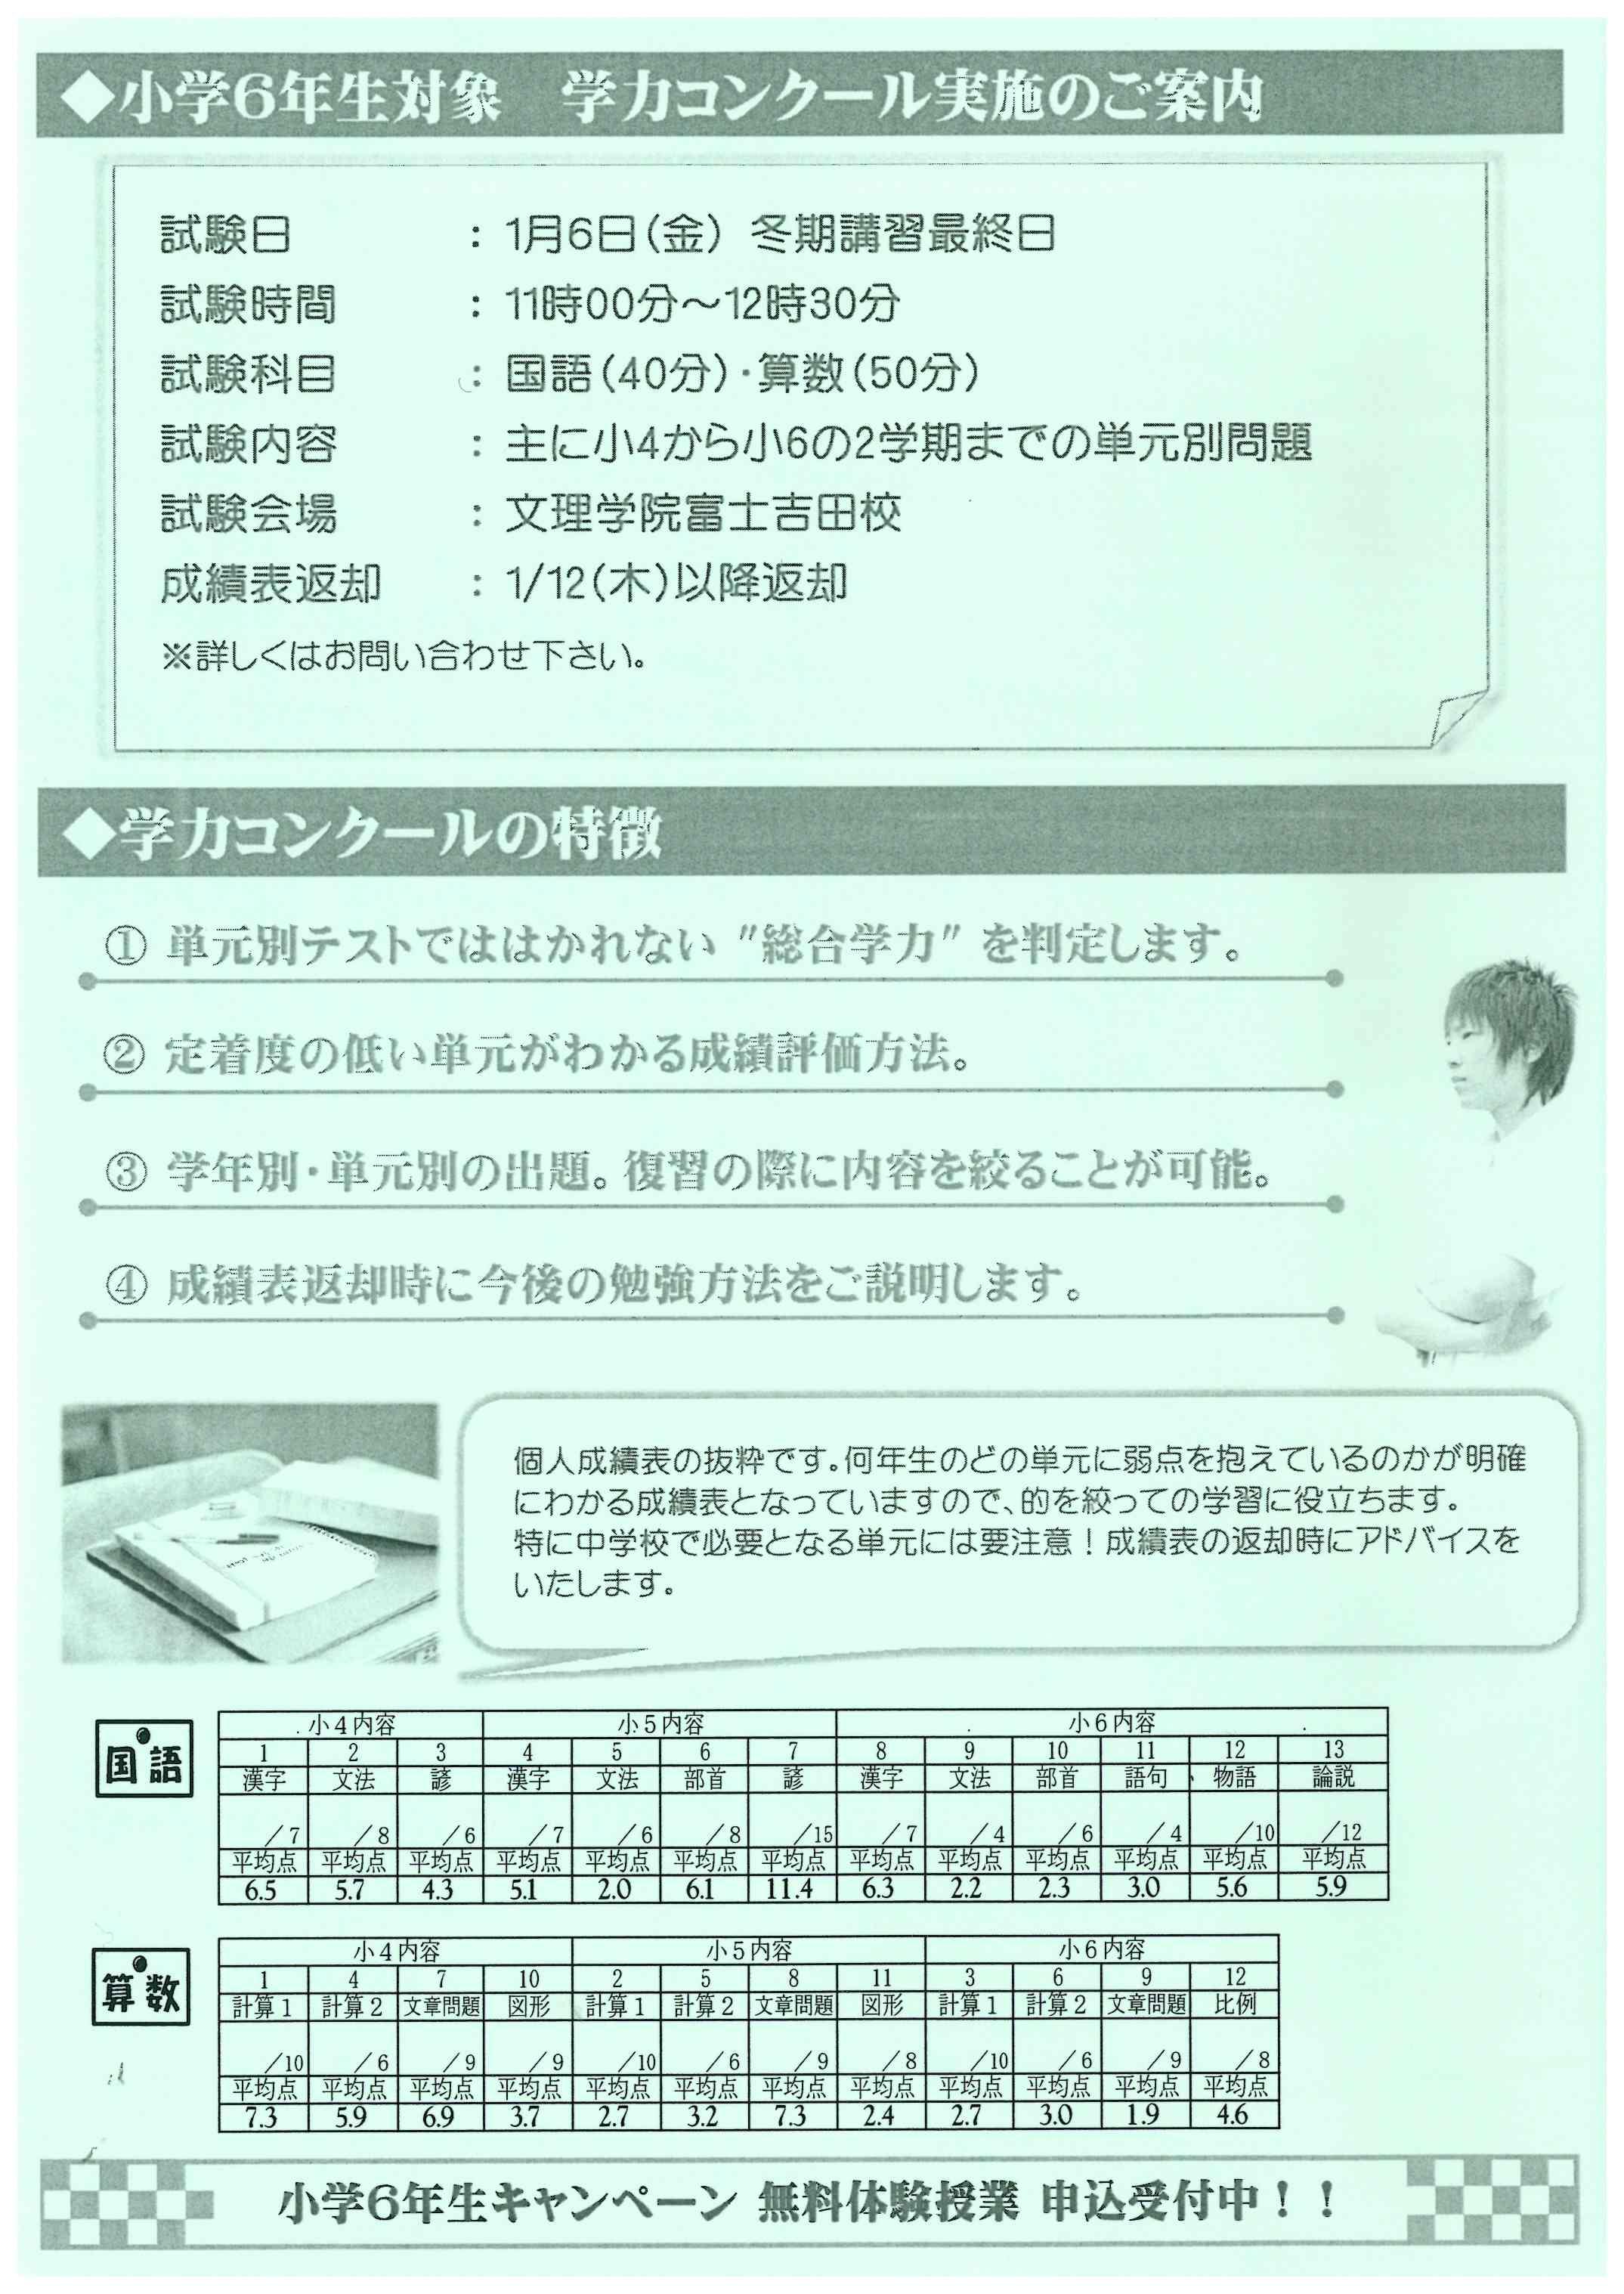 20161220 学力コンクール (2)